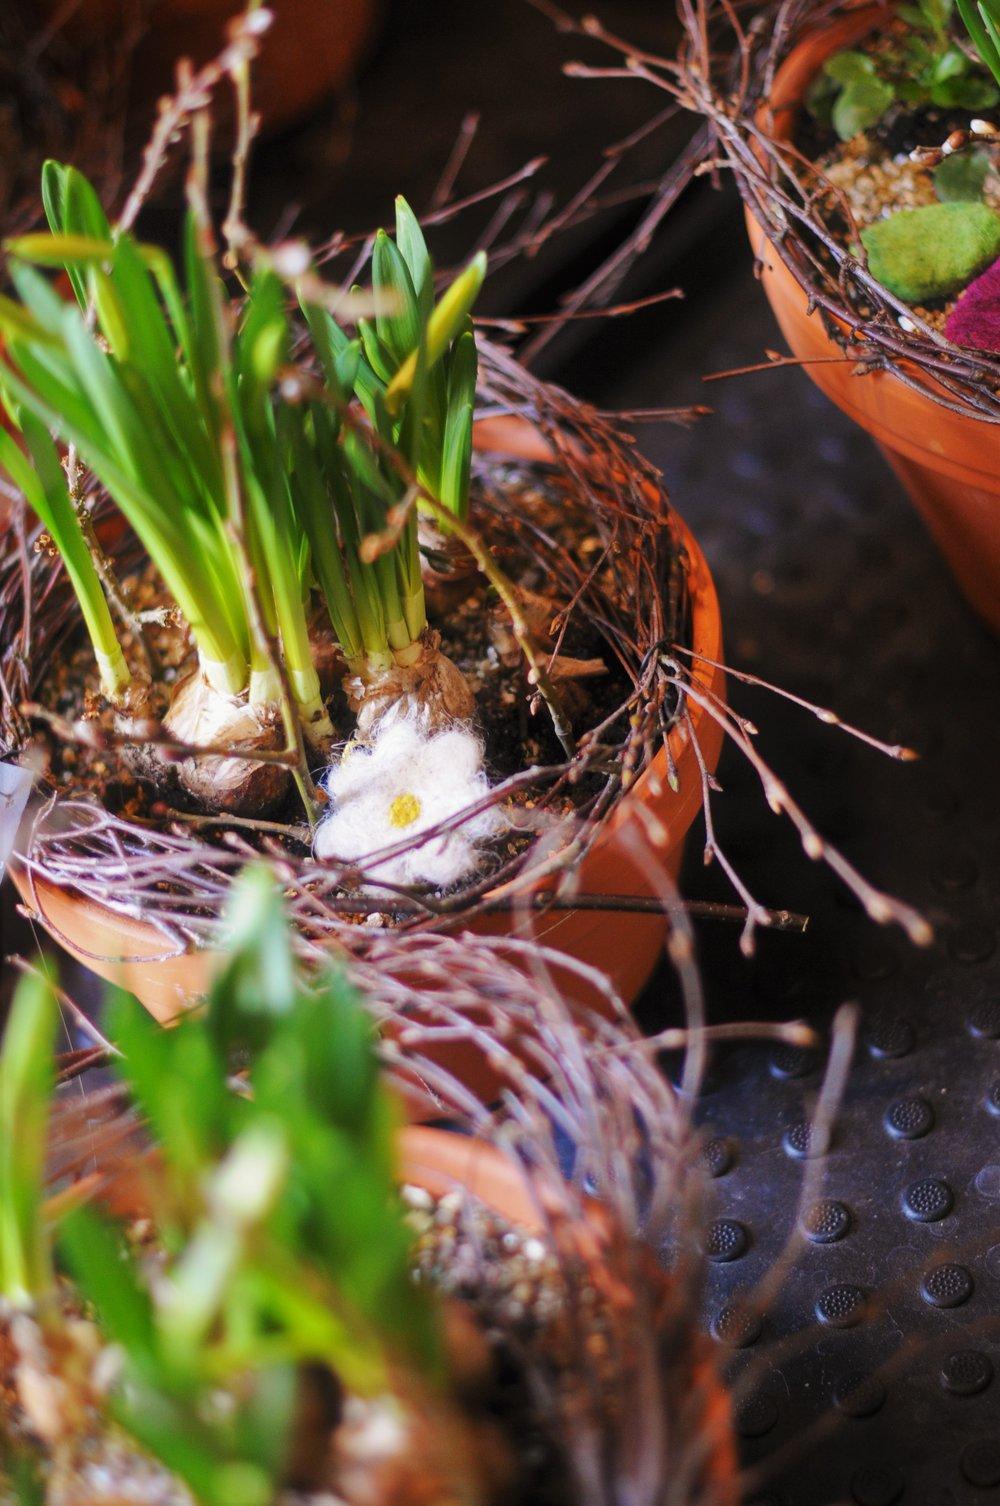 påskgrupper och påskplanteringar